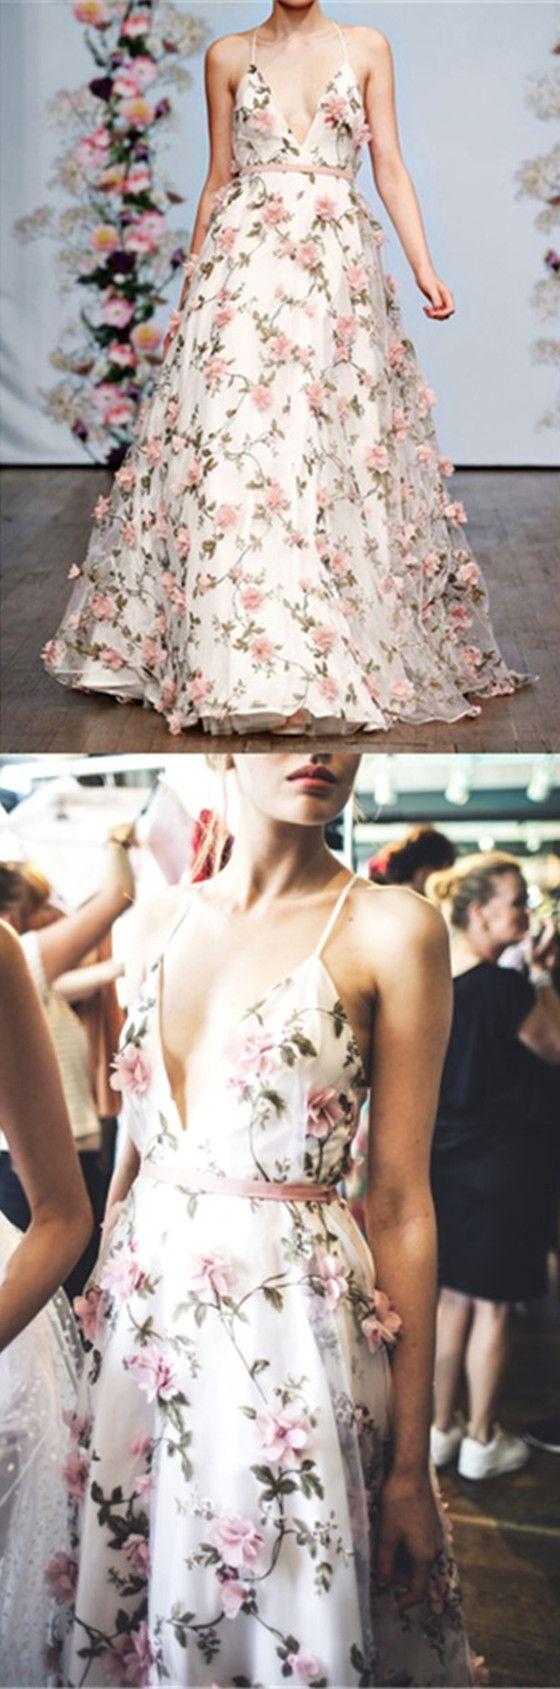 V-neck A-line Flower Tulle Prom Dresses, Long Prom Dresses, Affordable Prom Dresses,PD190477